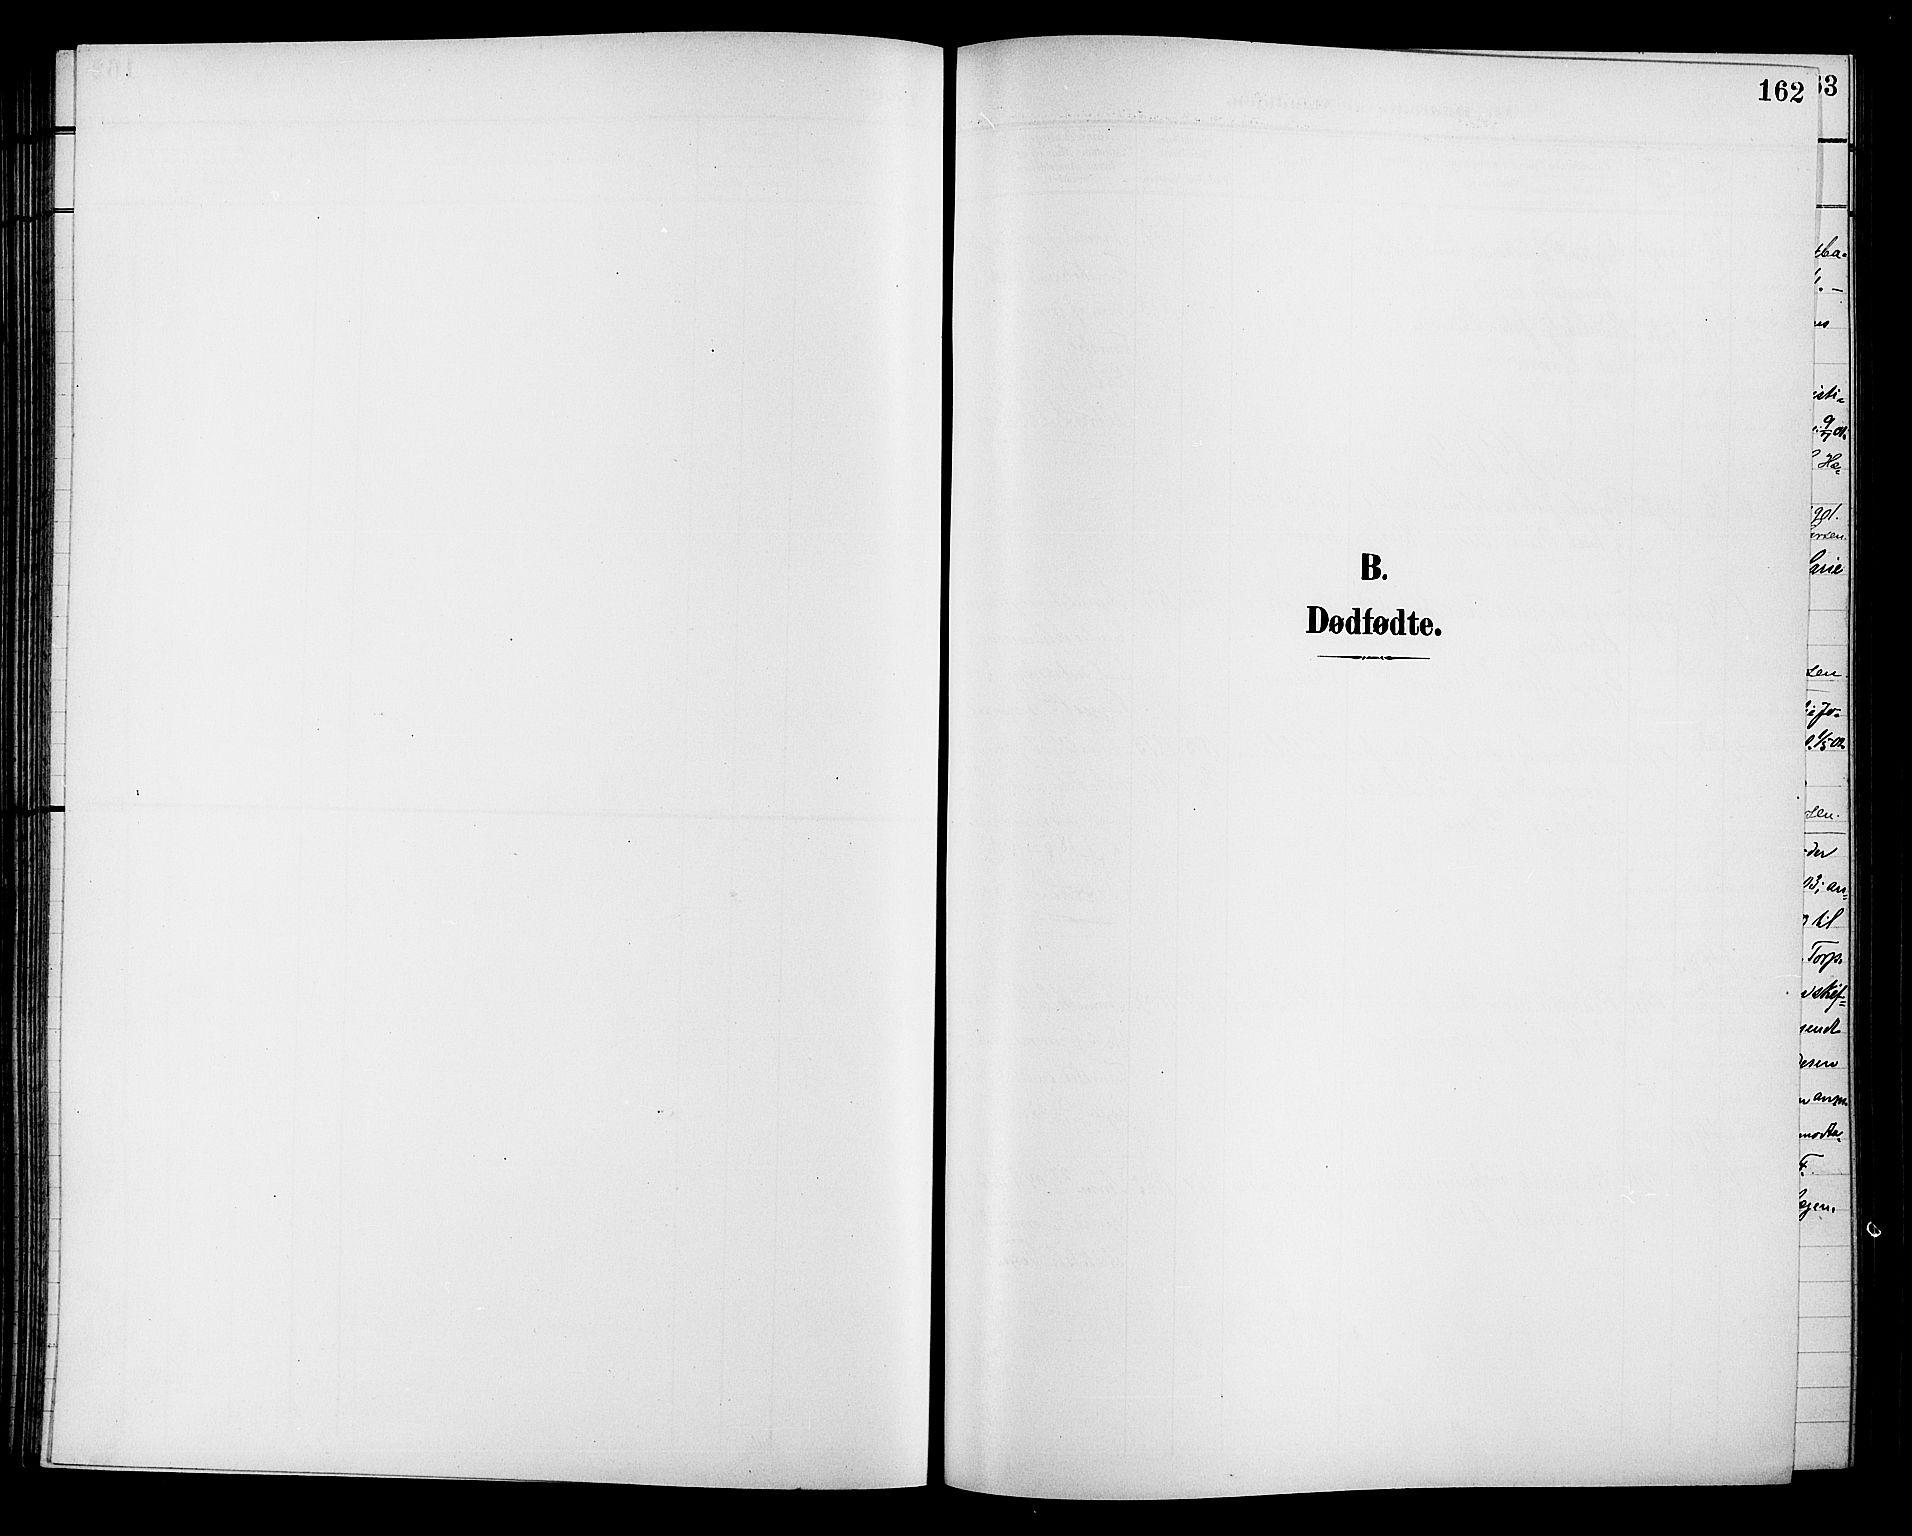 SAH, Lillehammer prestekontor, Klokkerbok nr. 1, 1901-1913, s. 162